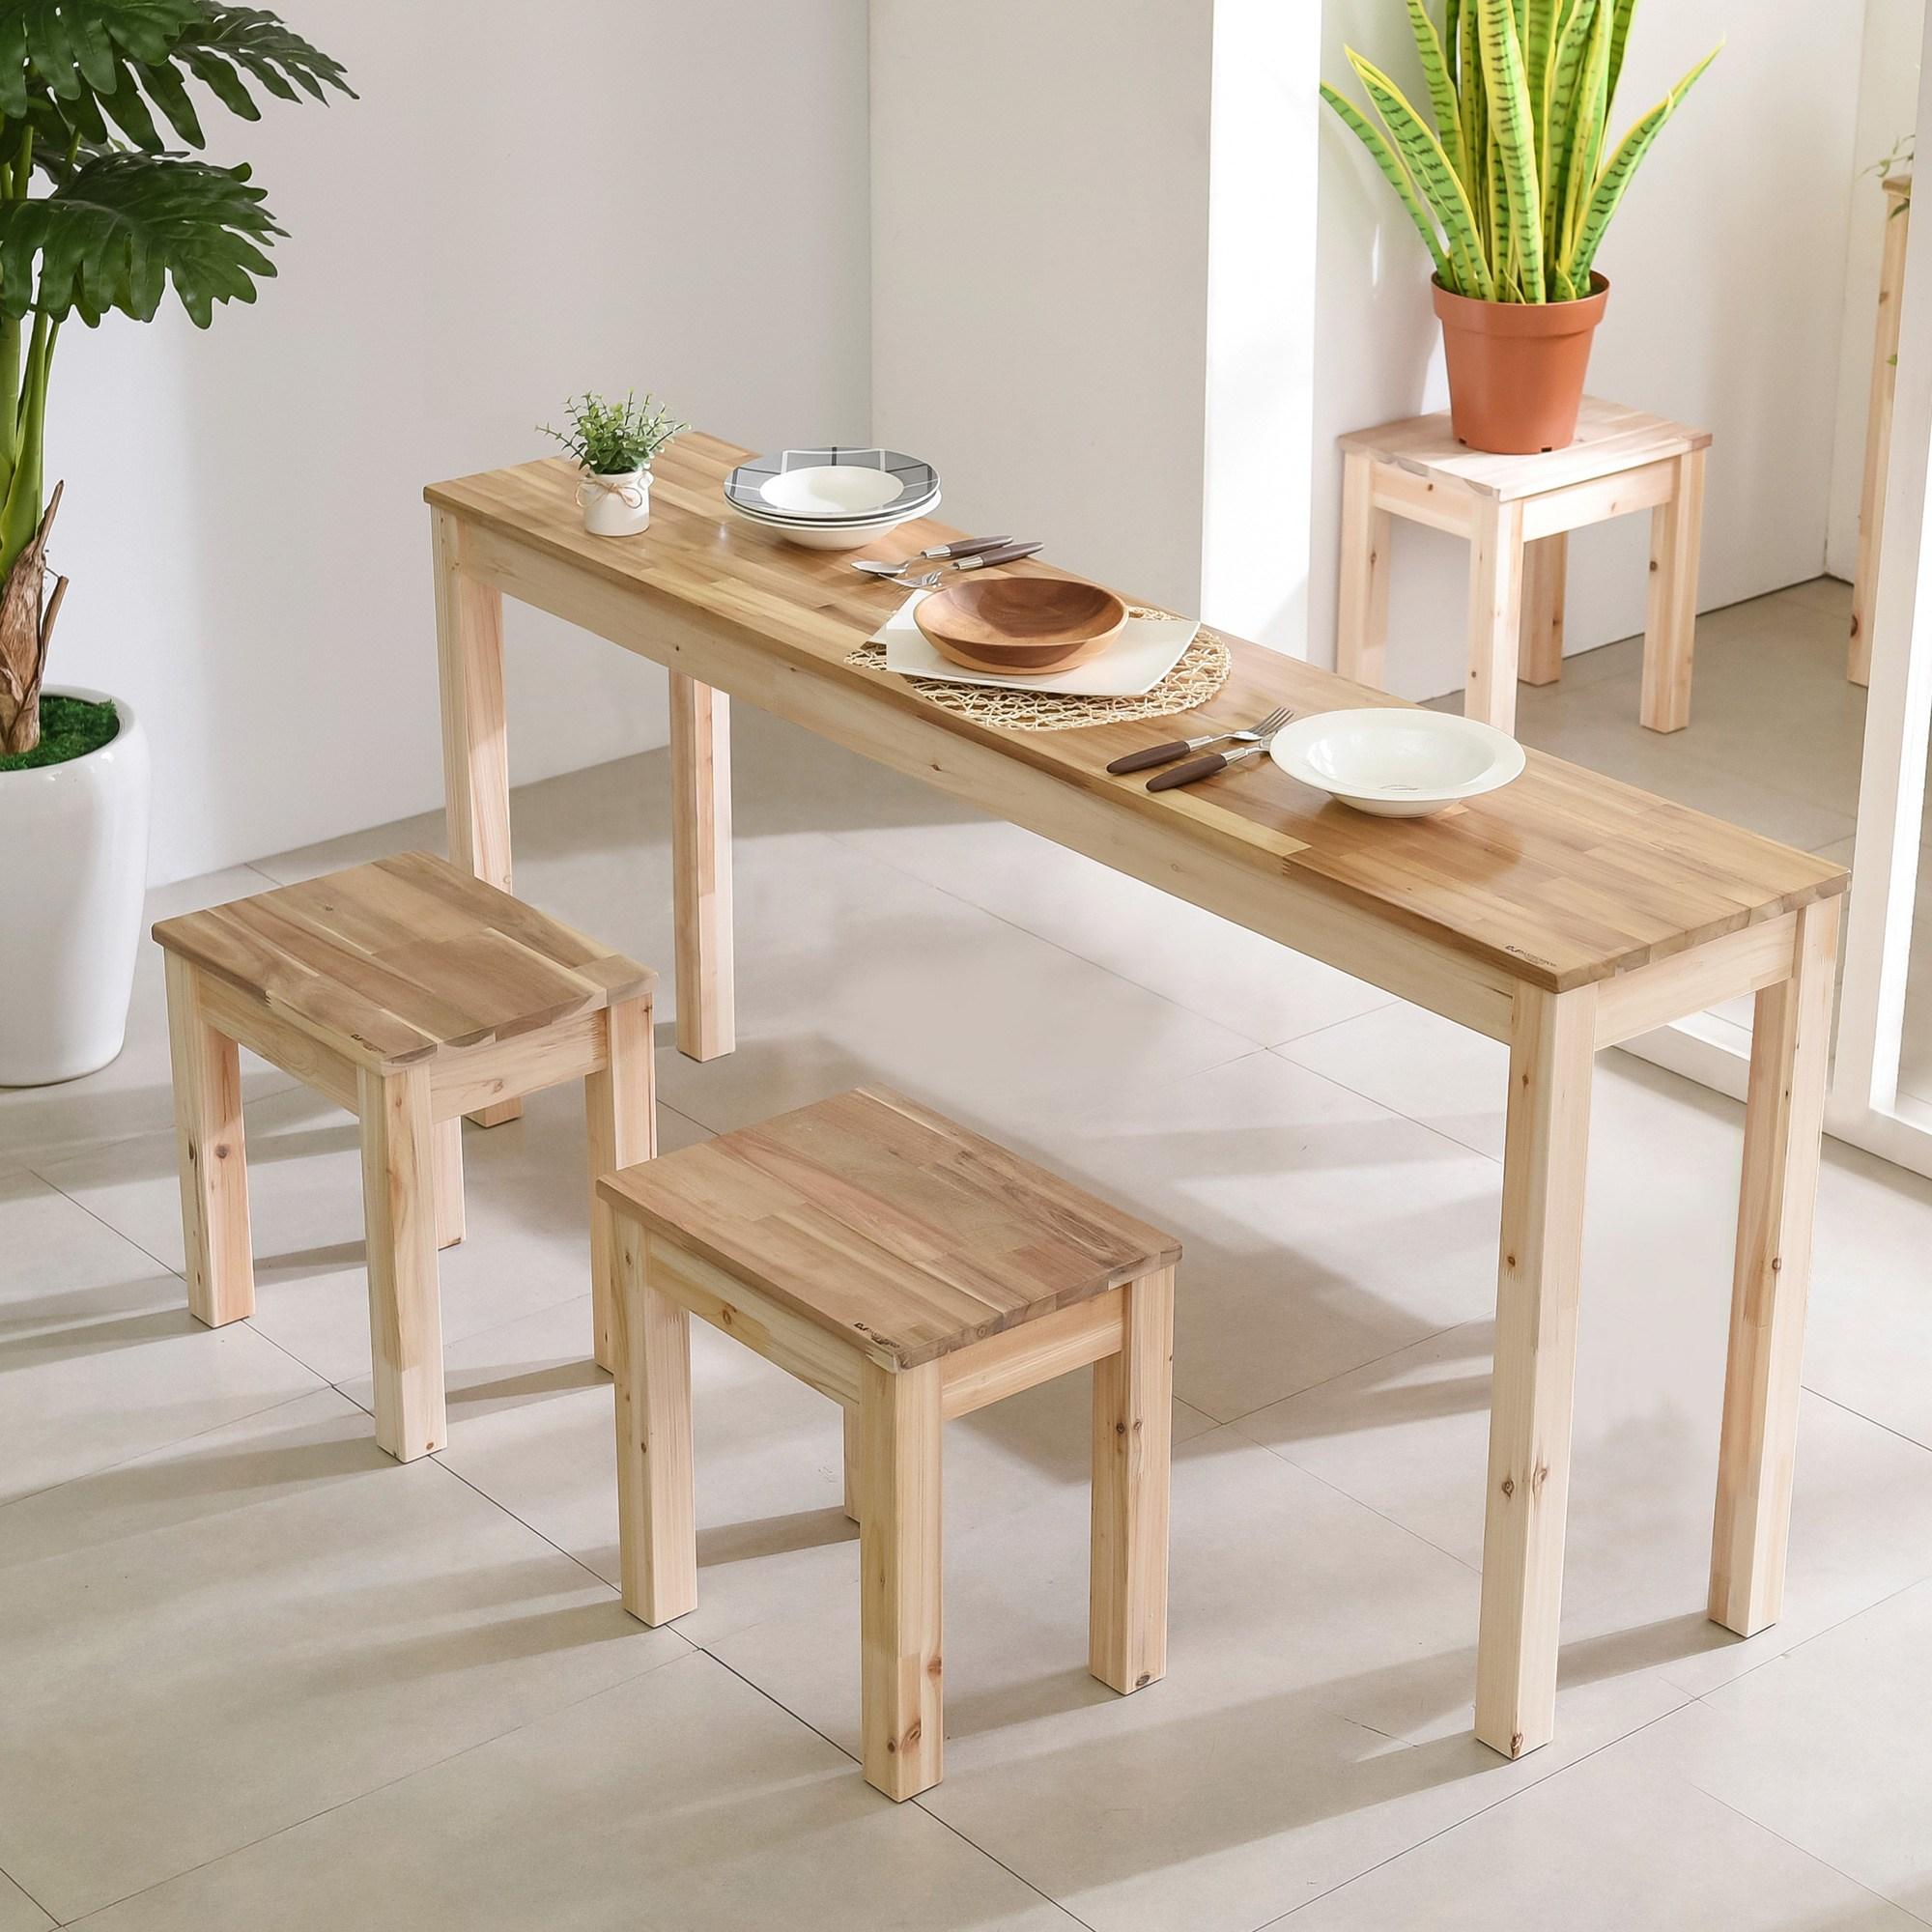 다니엘우드 아일랜드 160cm 홈바 원목 긴 테이블 사이드 보조식탁, 1600×300테이블(아카시아상판)_무도장